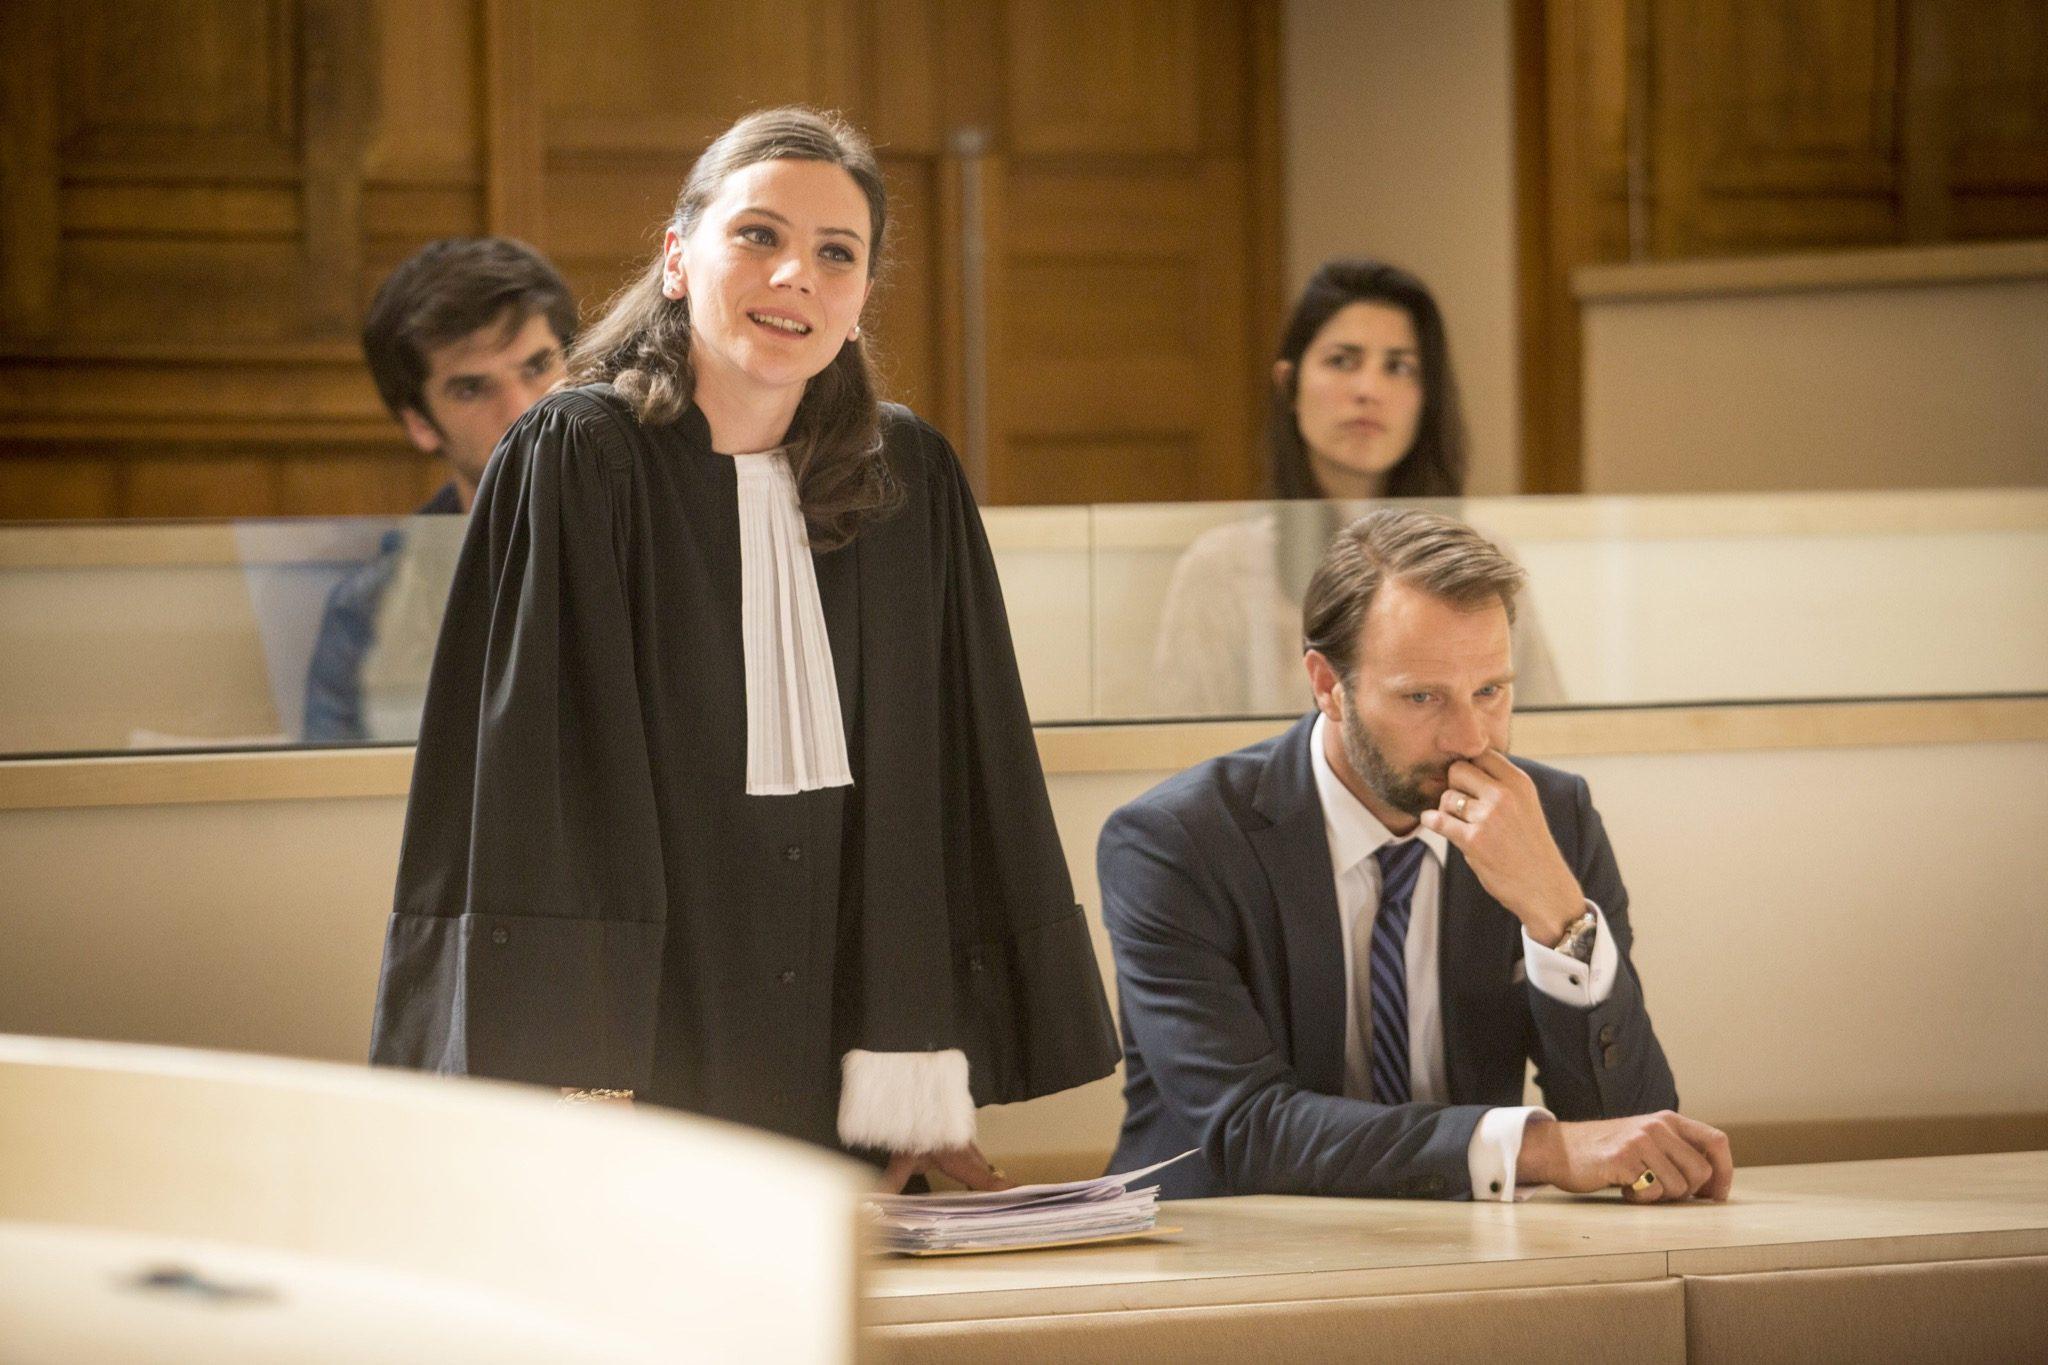 La Loi de Julien téléfilm